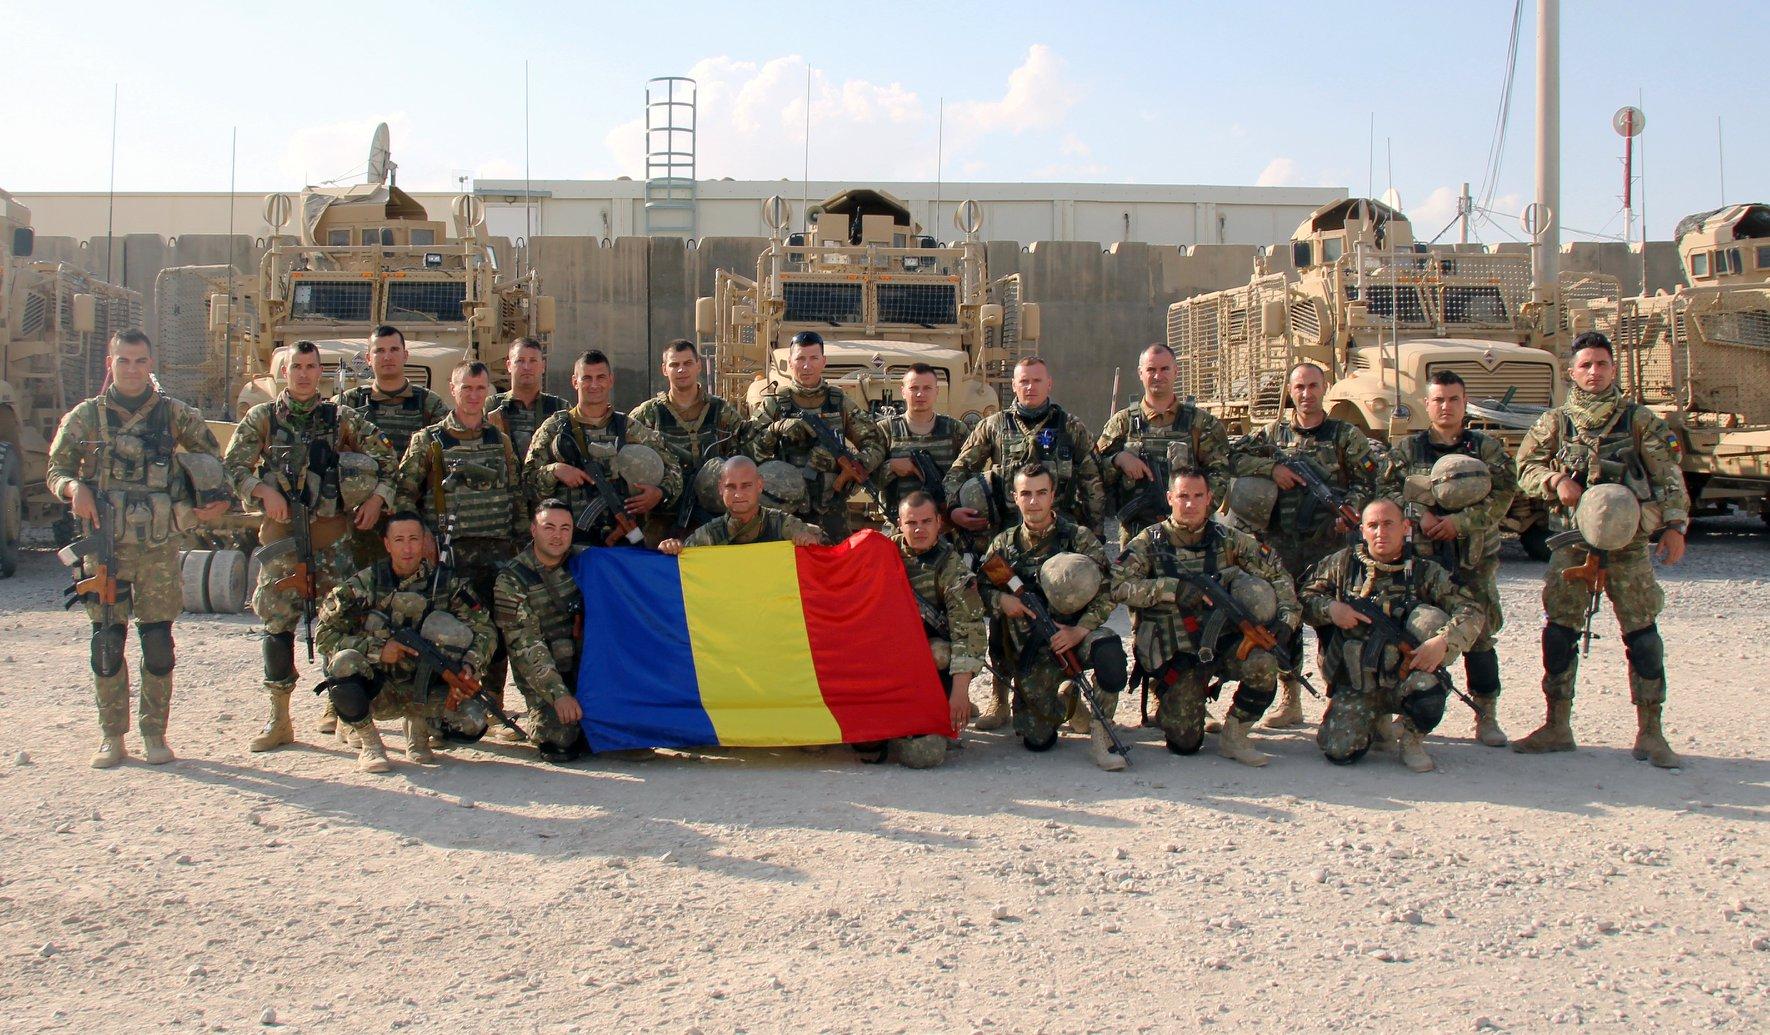 România își retrage soldații din Afganistan. 27 de militari români au murit acolo